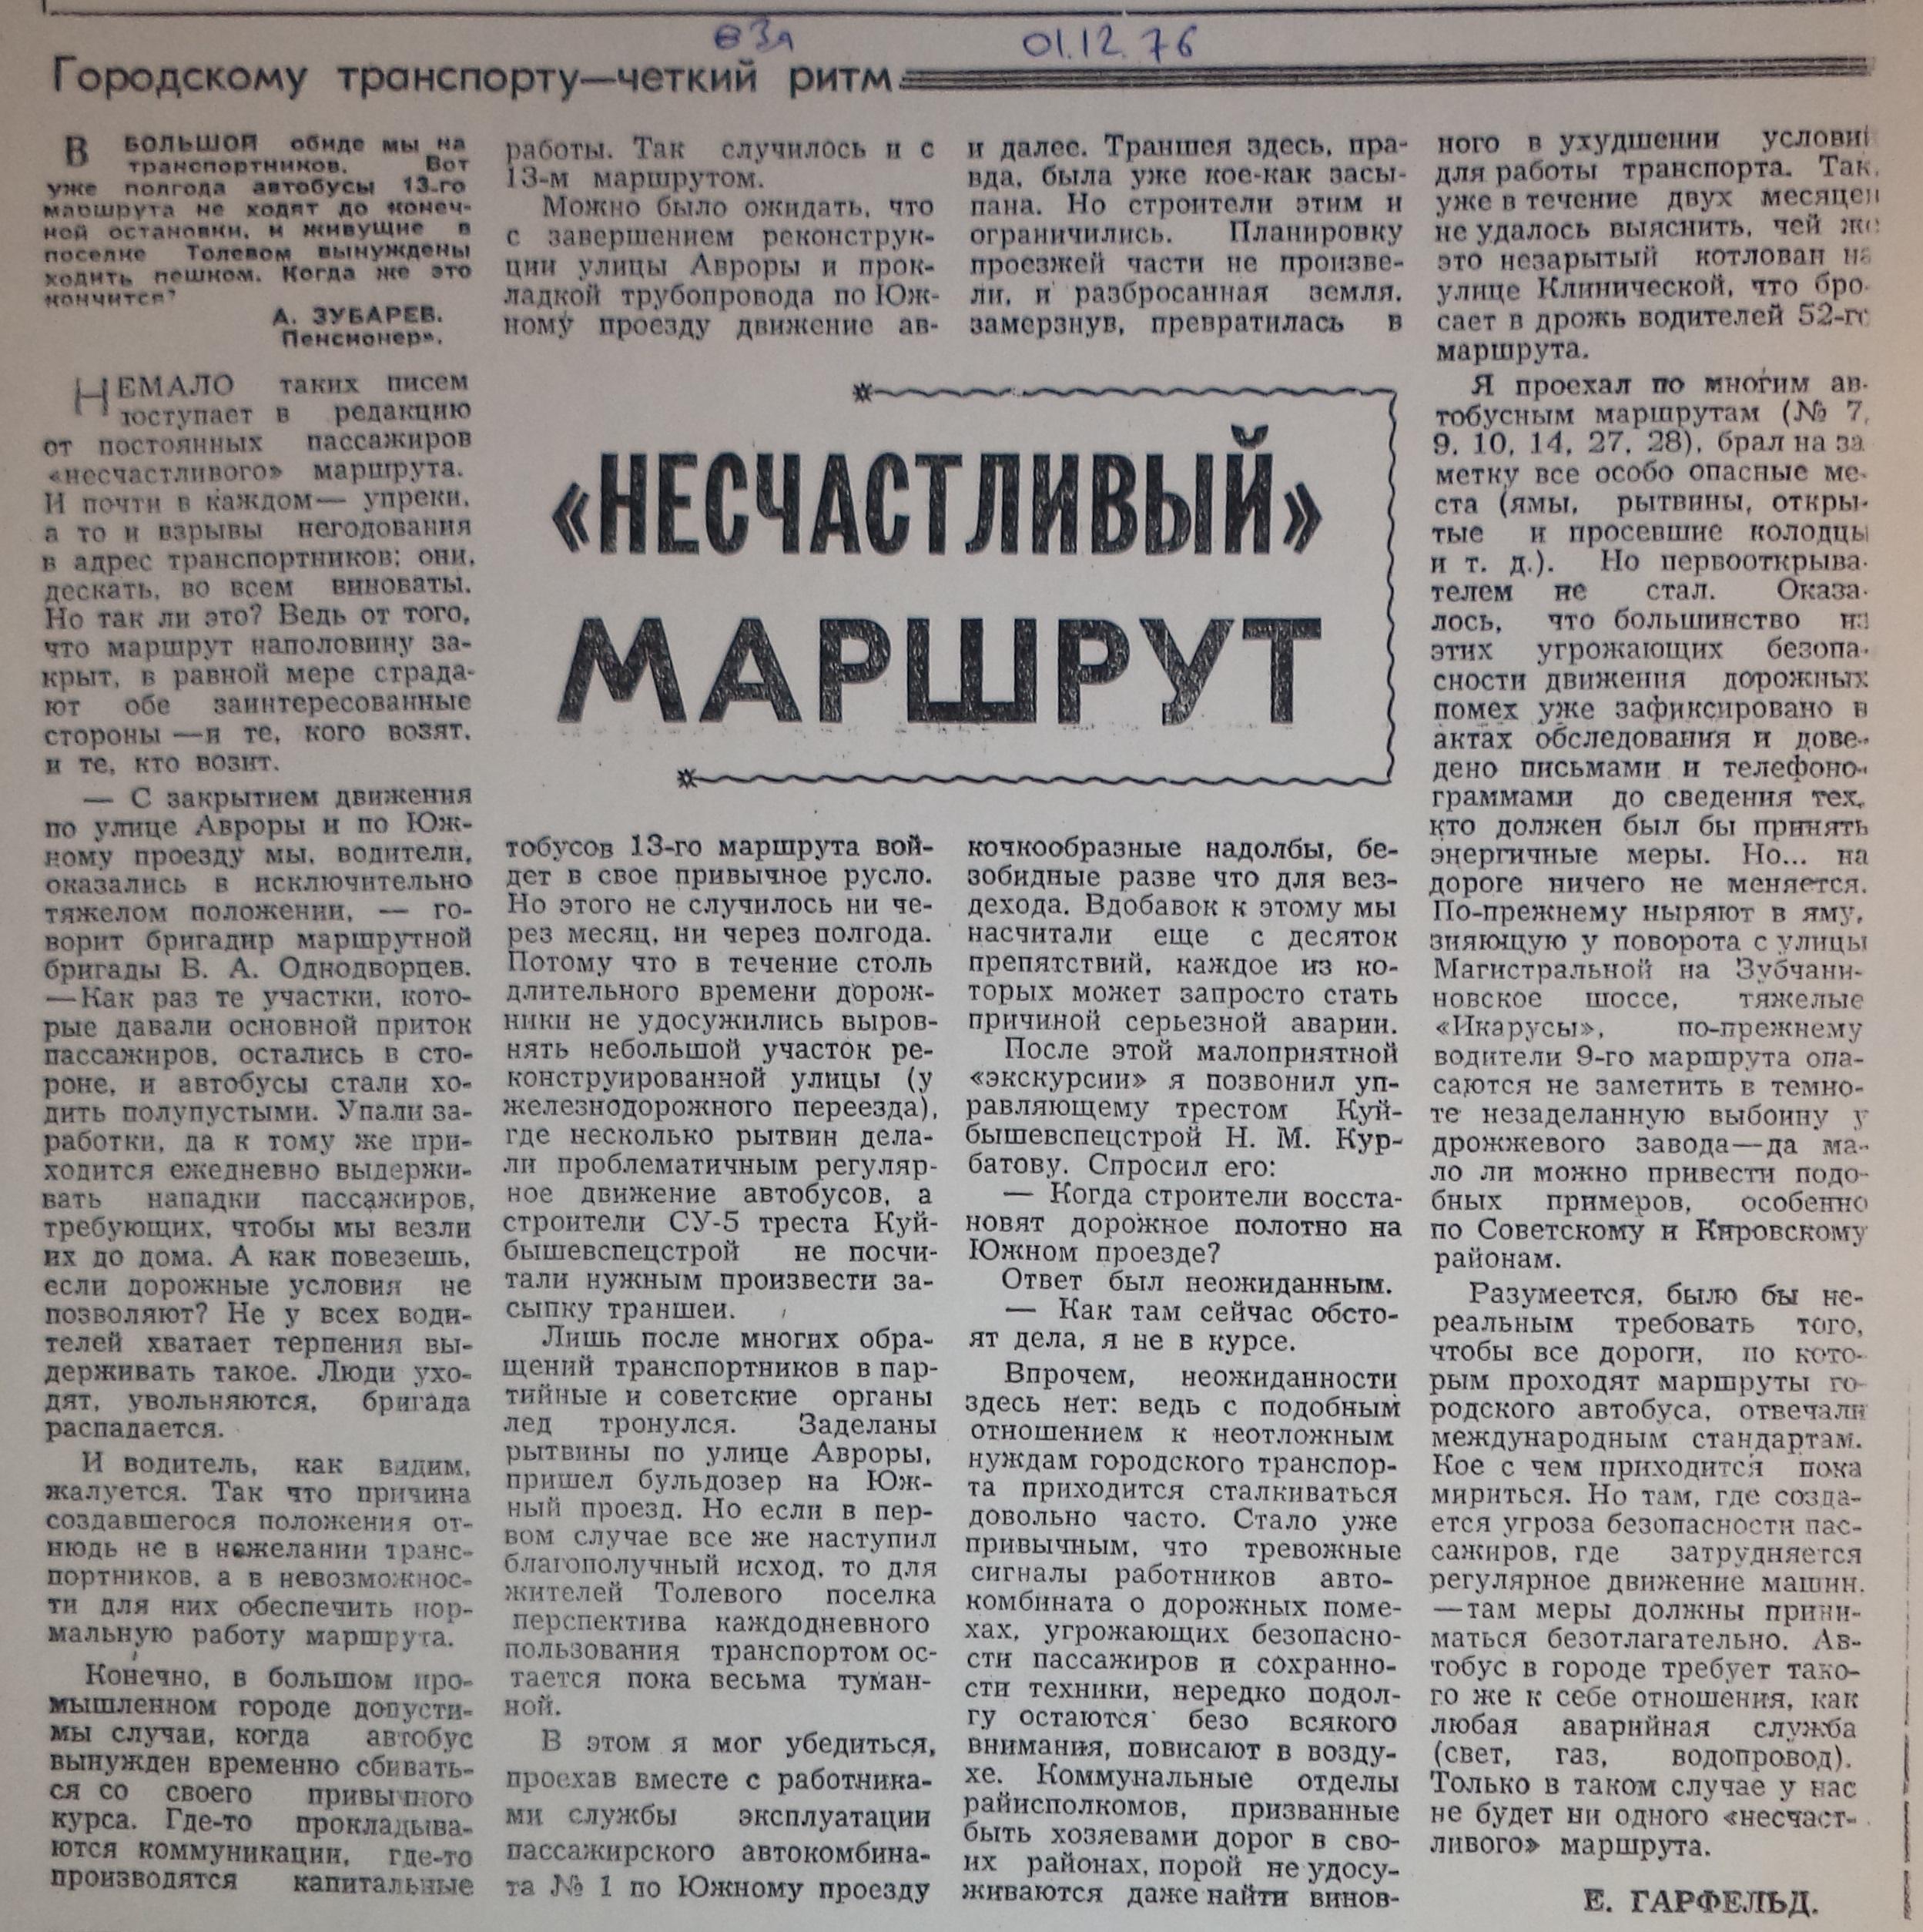 ФОТО-17-Бобруйская-ВЗя-1976-12-01-проблемы автобуса № 13